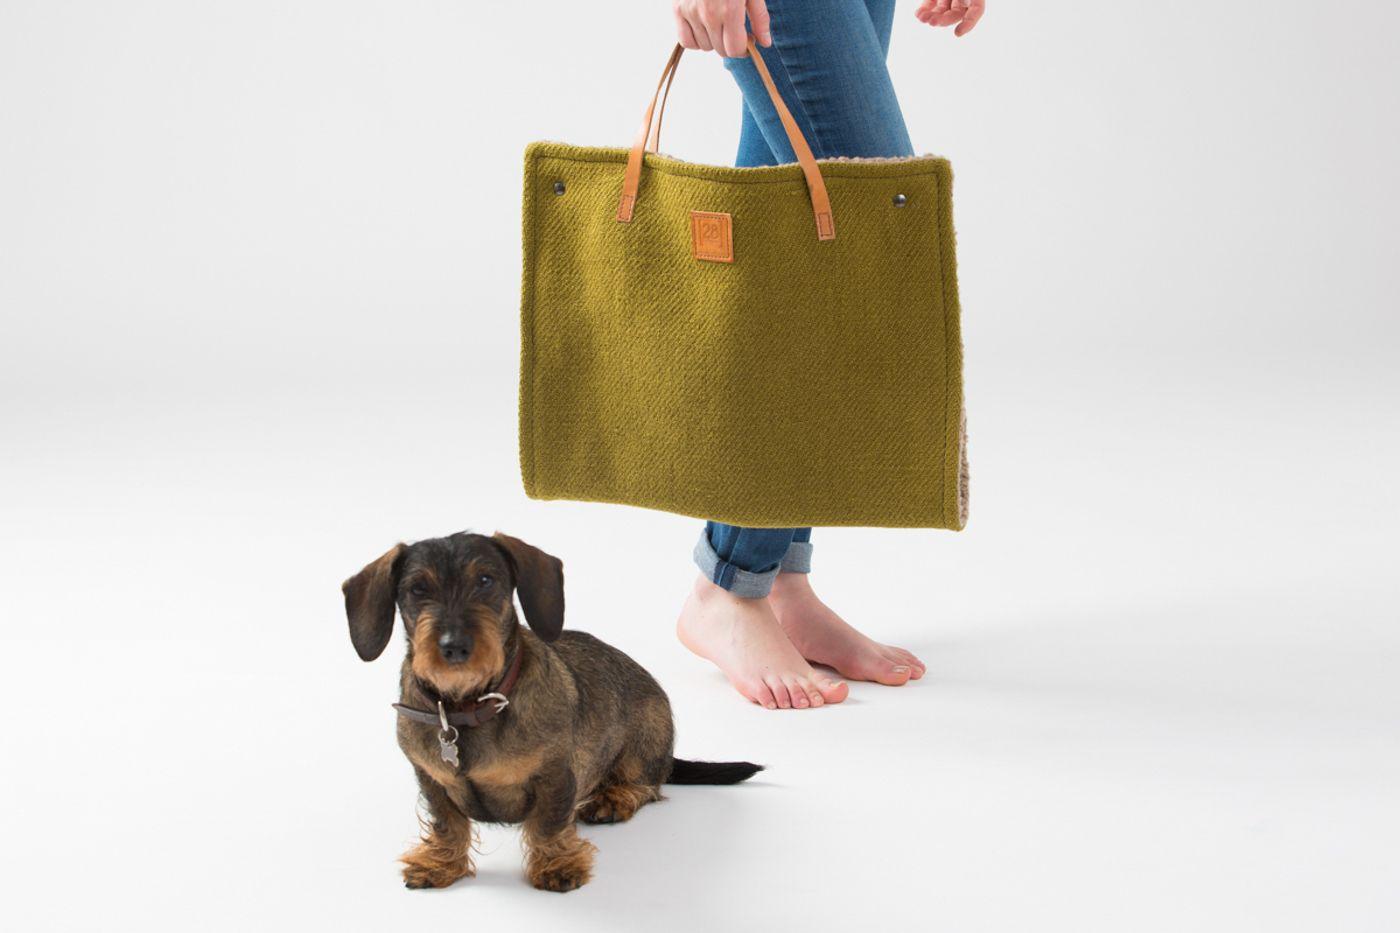 Reisebett Steve Jute Hund Reisen Hundetasche Und Reisebett